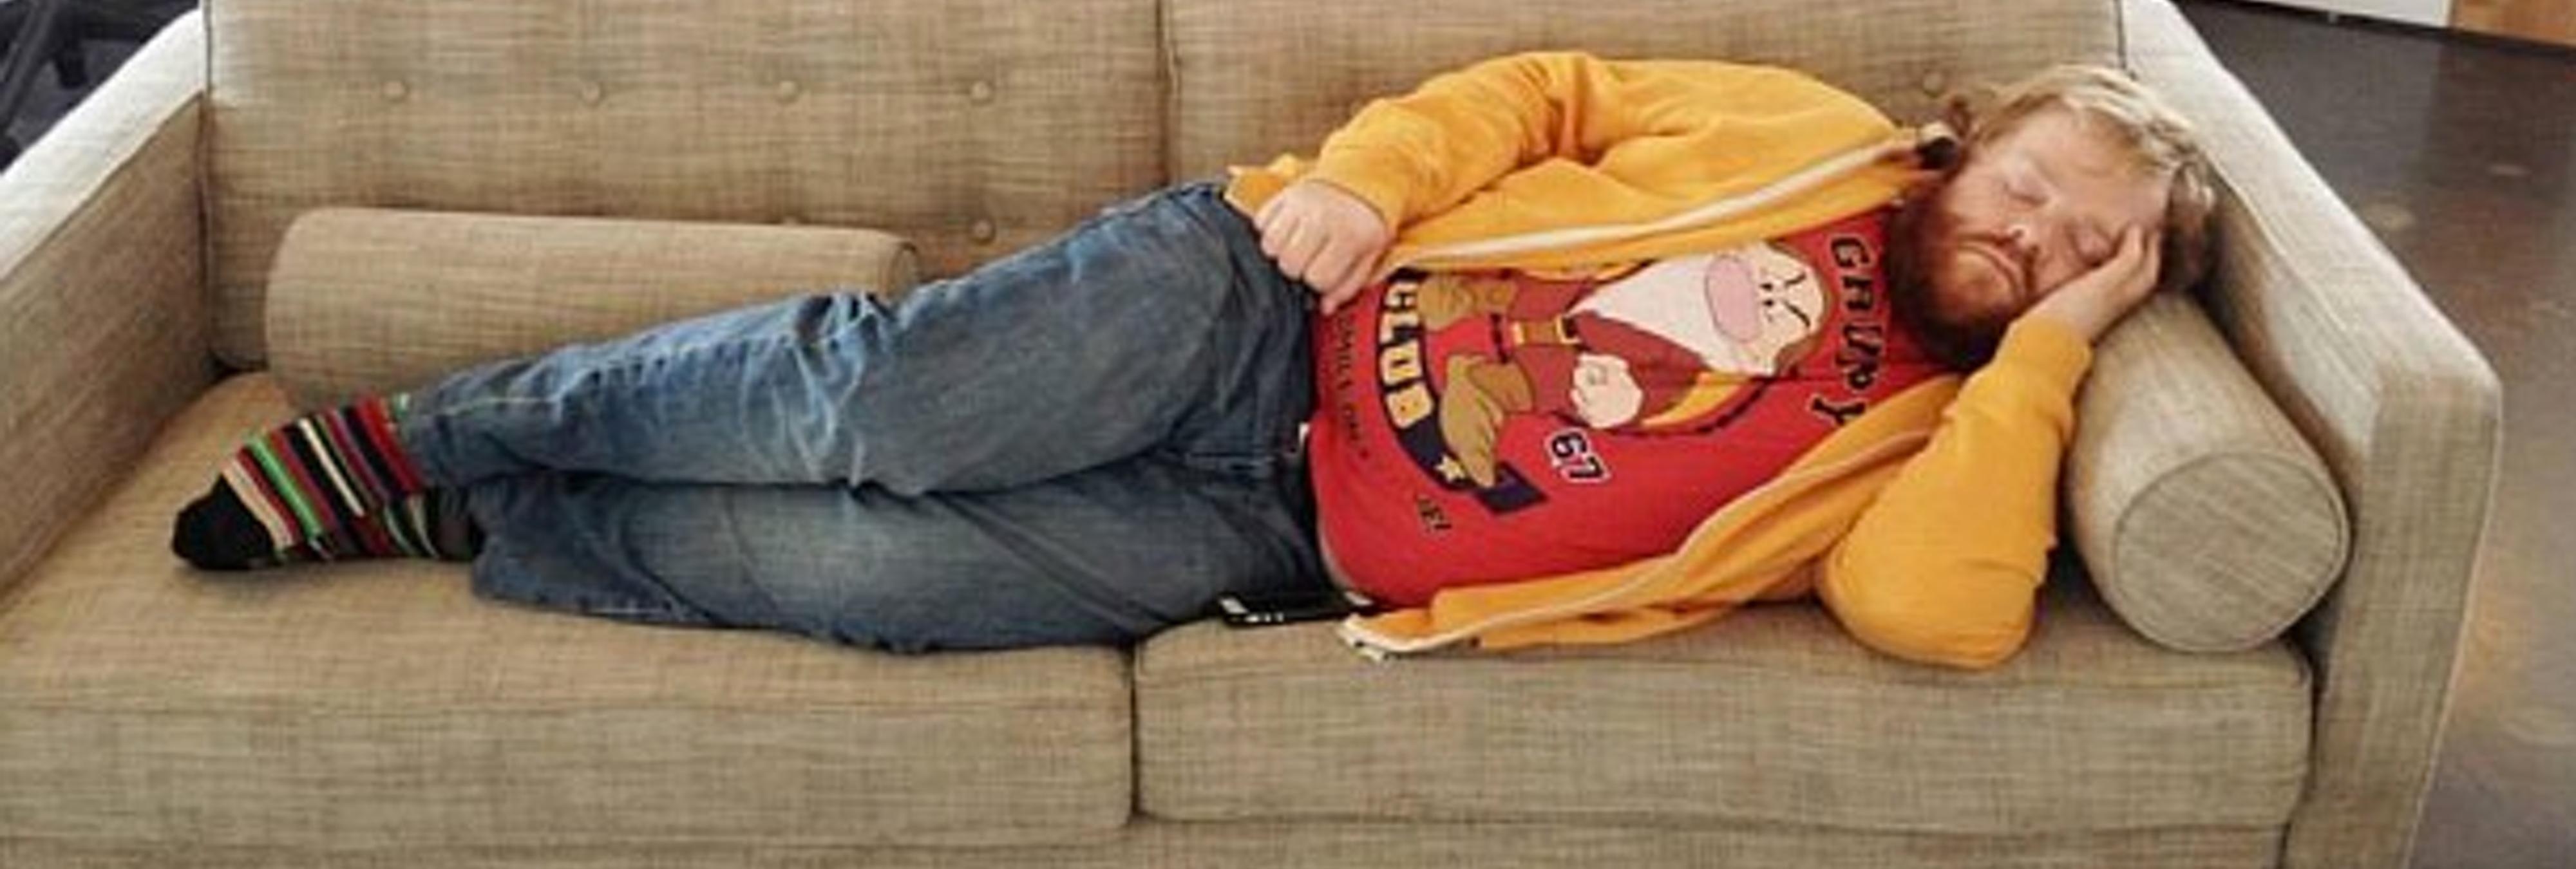 La siesta más famosa: fotografía a su compañero mientras dormía y lo convierte en memes virales